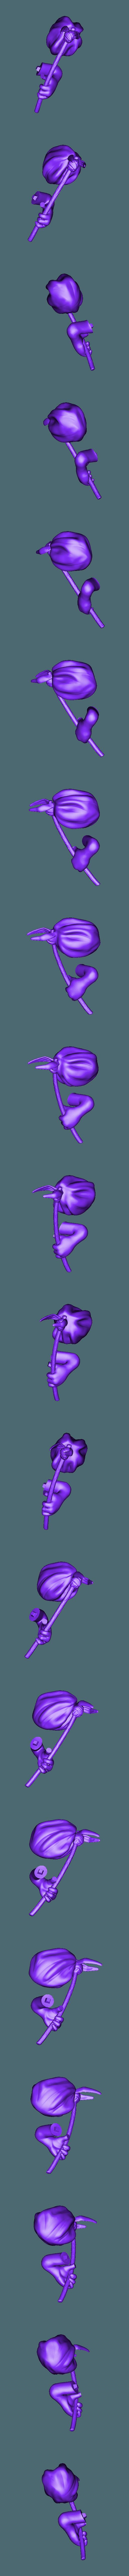 Calimero_-_Bras_Gauche.stl Télécharger fichier STL gratuit Calimero • Objet pour impression 3D, BODY3D